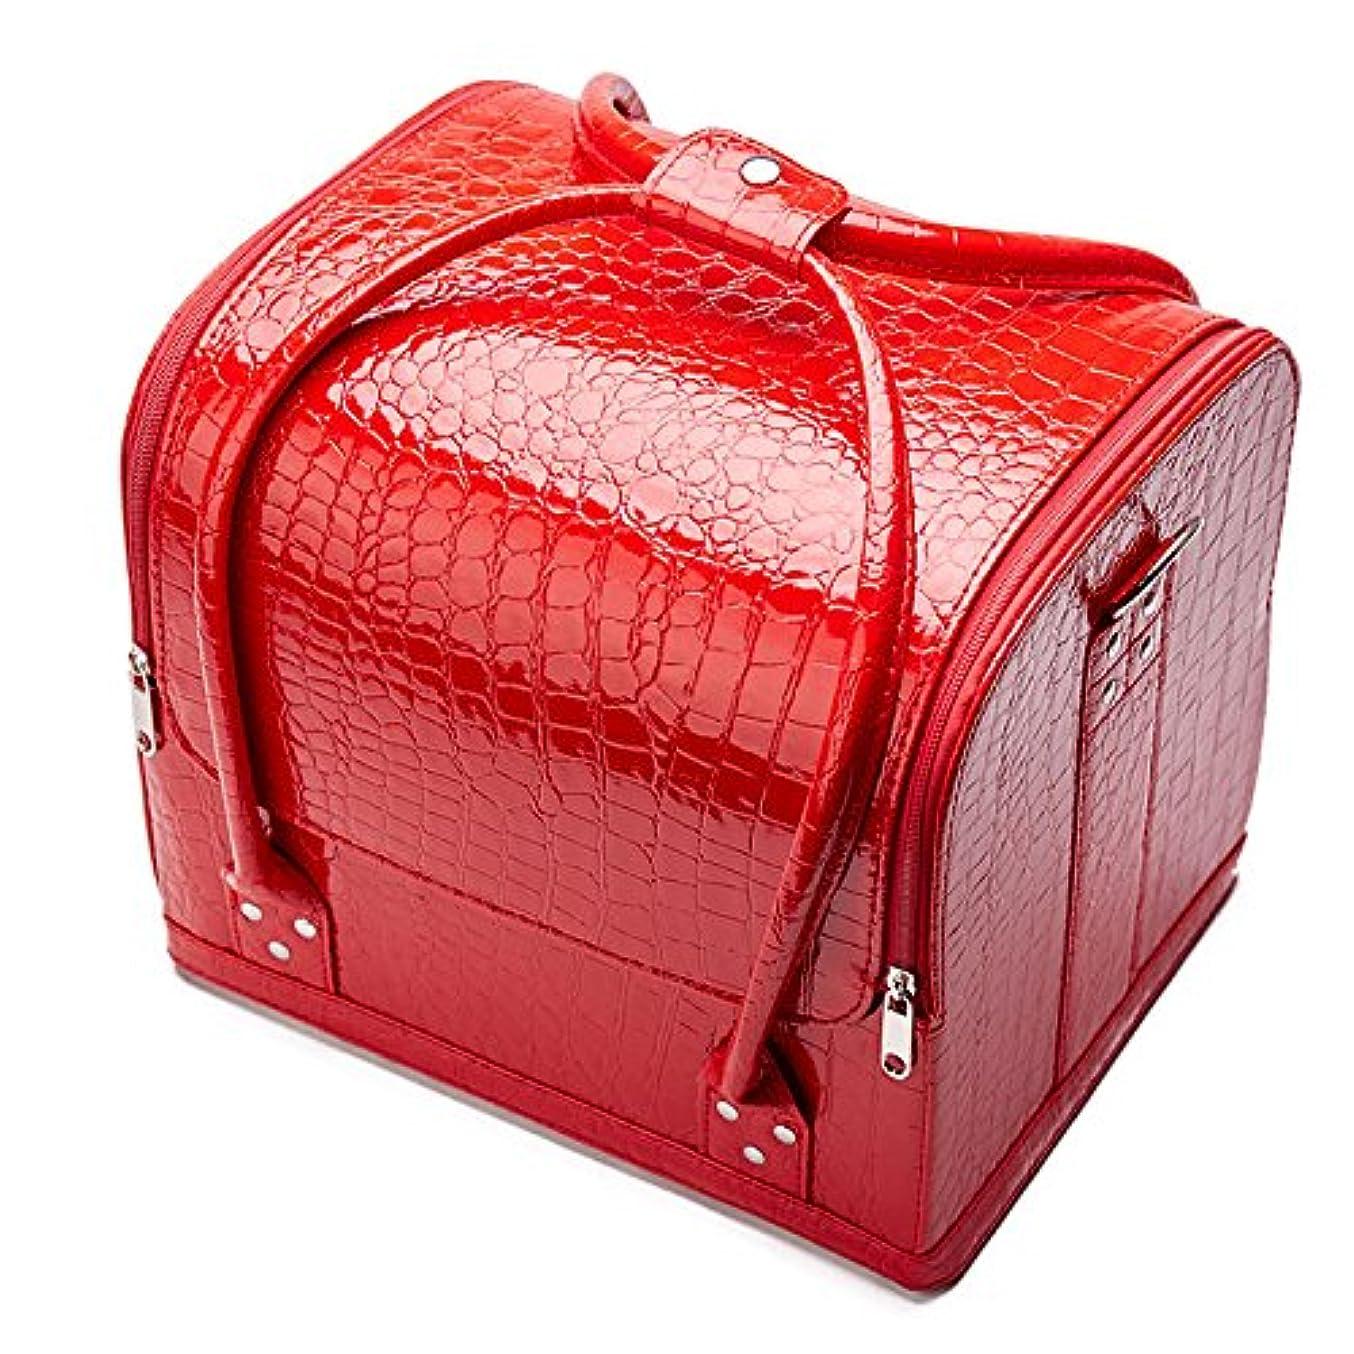 少しオレンジ機械「XINXIKEJI」メイクボックス コスメボックス ネイルボックス 大容量 防水 洗える 化粧ボックス 肩掛け スプロも納得 収納力抜群 鍵付き オシャレ 祝日プレゼント 取っ手付 コスメBOXレッド